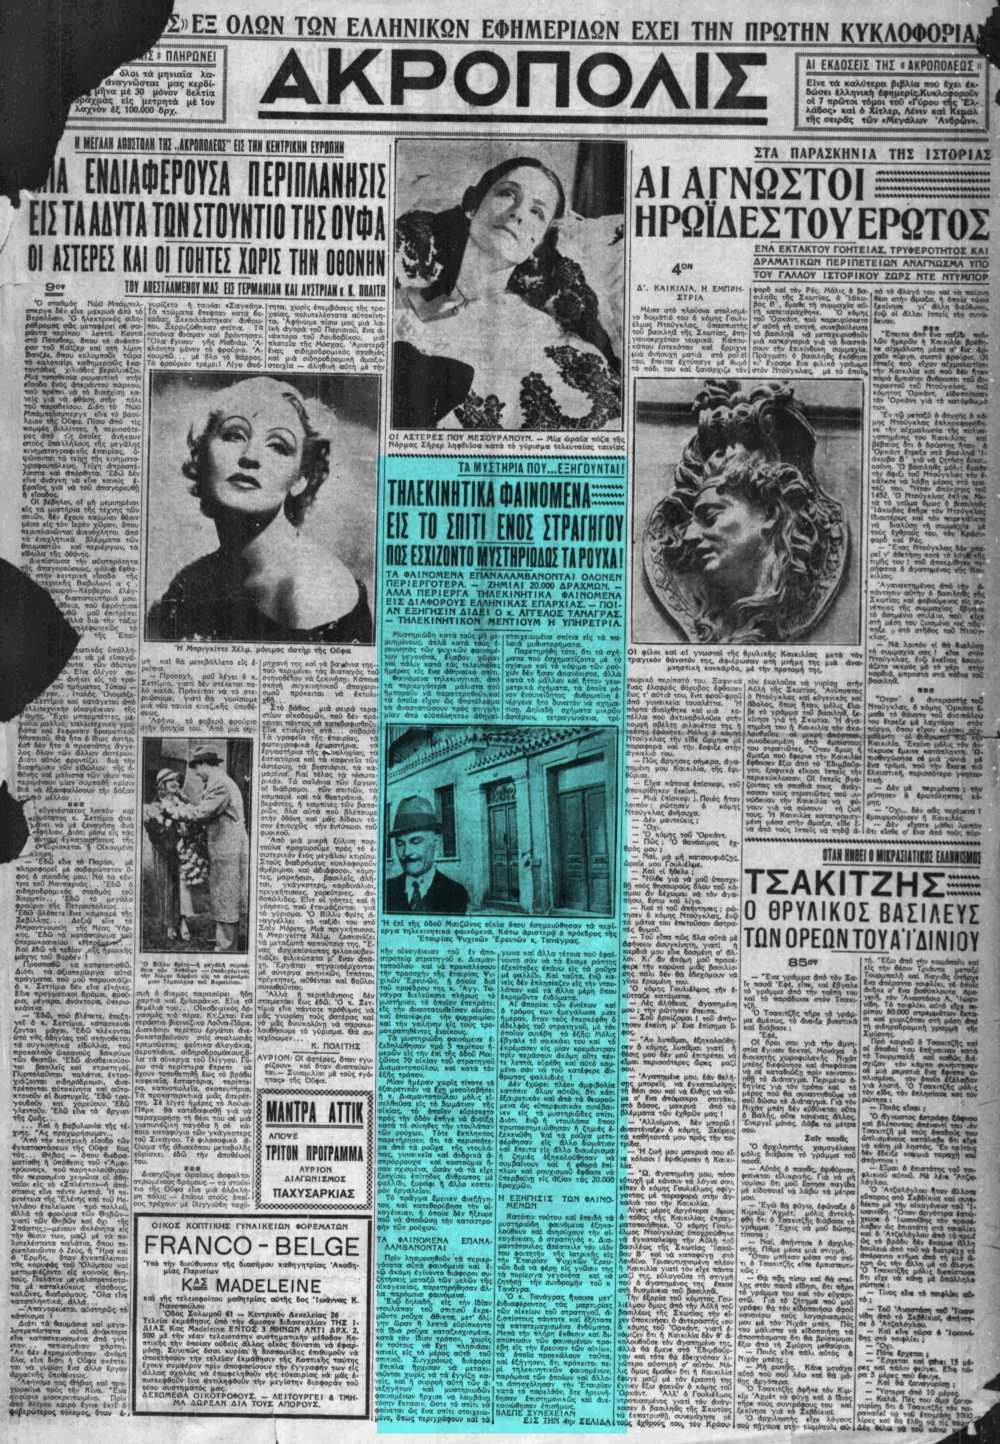 """Το άρθρο, όπως δημοσιεύθηκε στην εφημερίδα """"ΑΚΡΟΠΟΛΙΣ"""", στις 08/07/1936"""